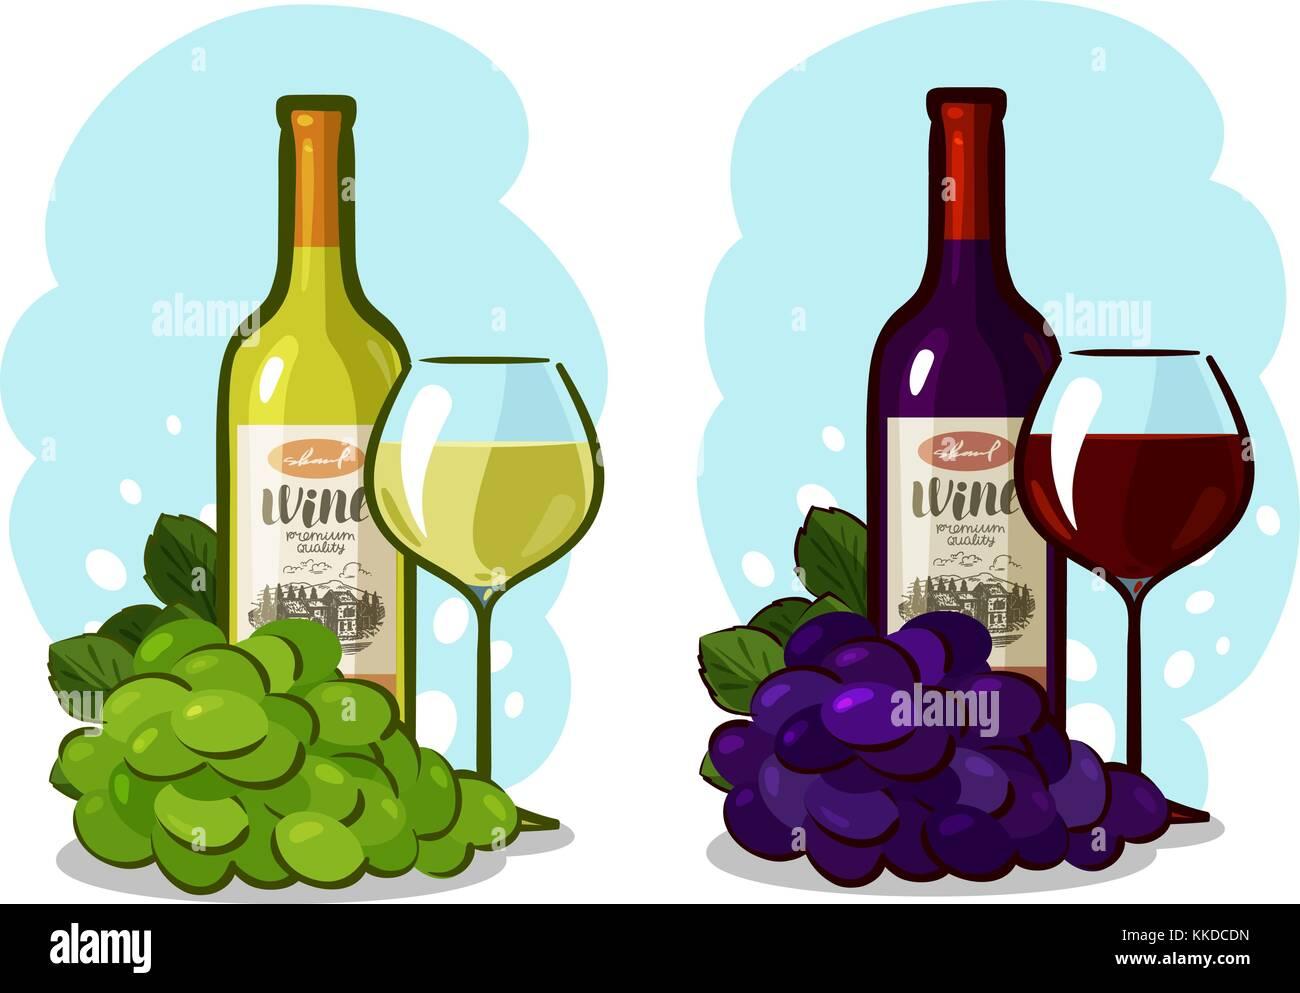 botella de vino tinto o blanco vidrio y uvas bodega concepto ilustraci n vectorial de dibujos. Black Bedroom Furniture Sets. Home Design Ideas